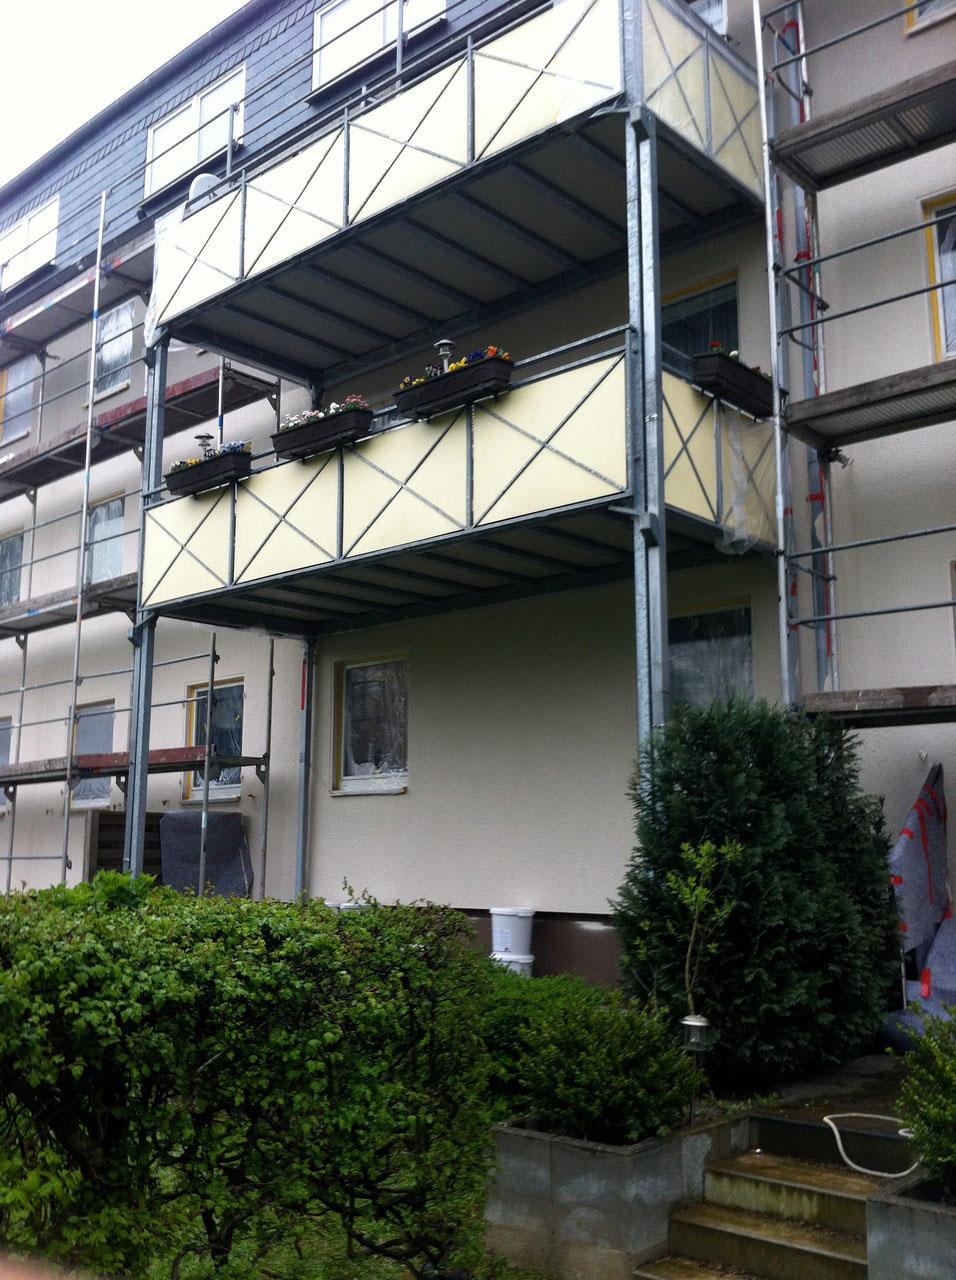 sanierung ein balkon ein kleines urlaubsparadies fassadenbau klein impelmann gmbh. Black Bedroom Furniture Sets. Home Design Ideas